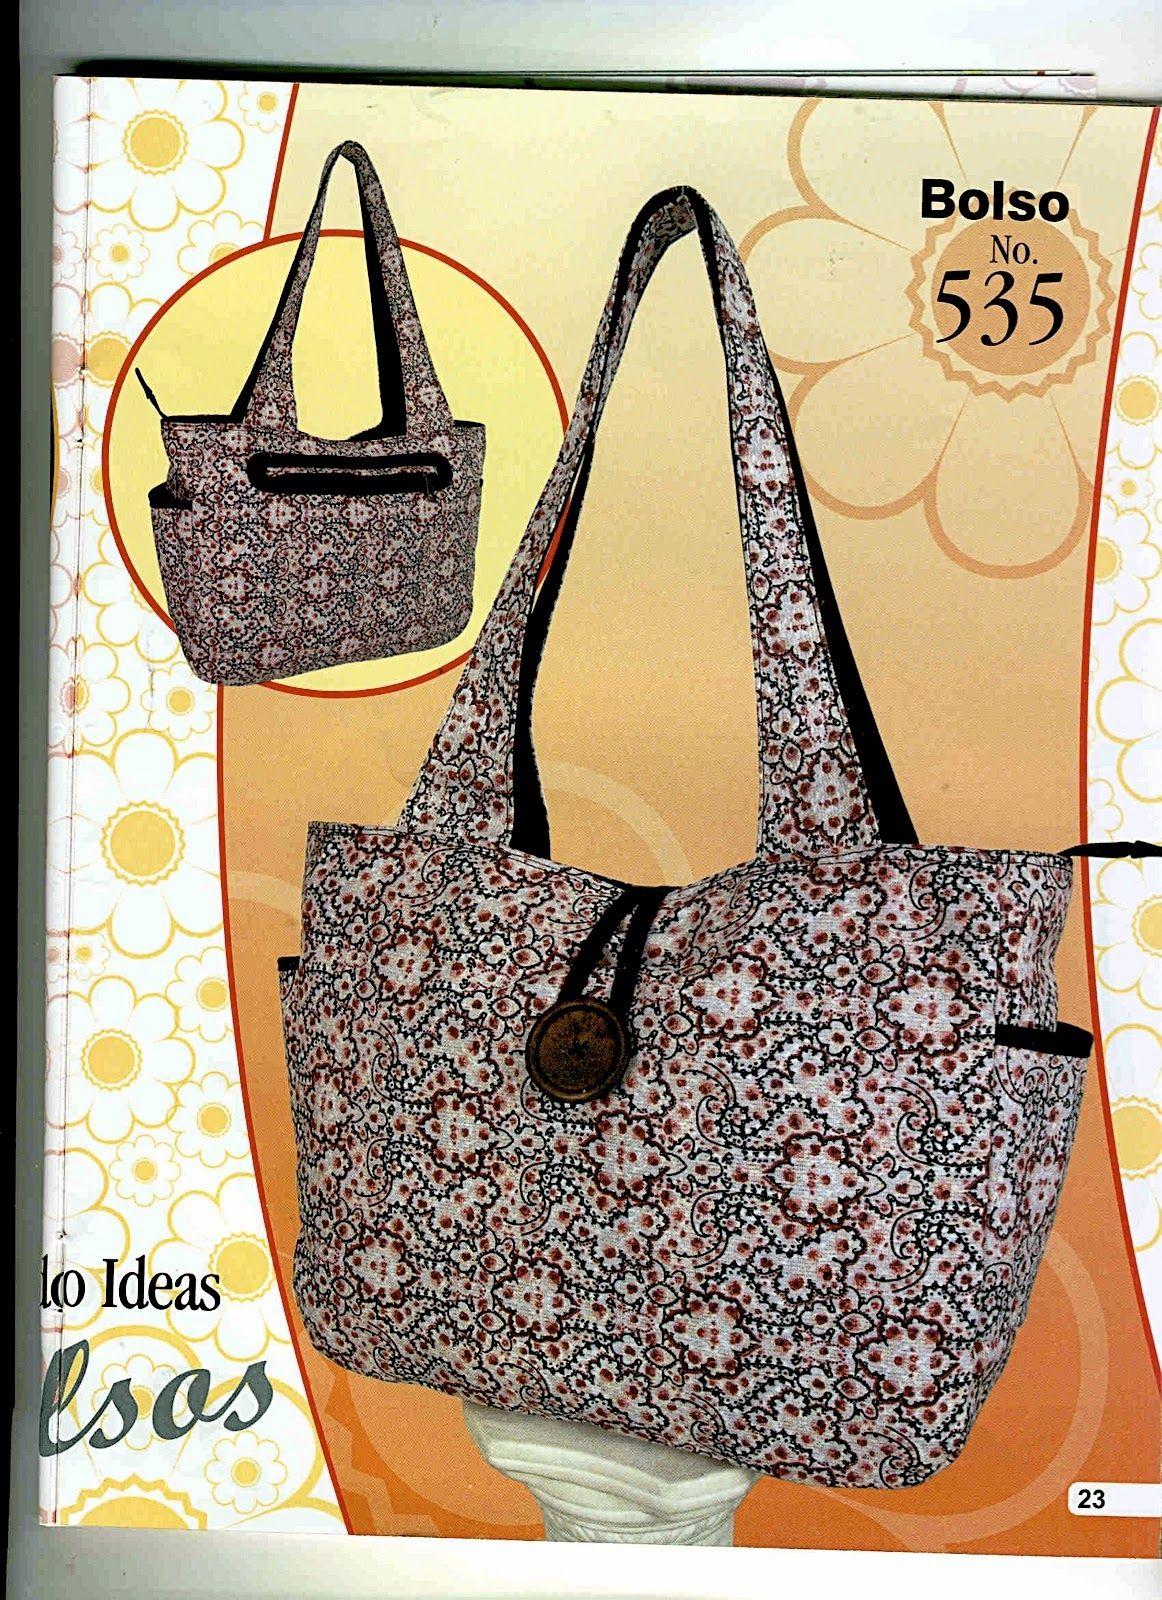 Moldes de bolsos moldes de bolsos carteras mochilas - Bolsas de tela manualidades ...